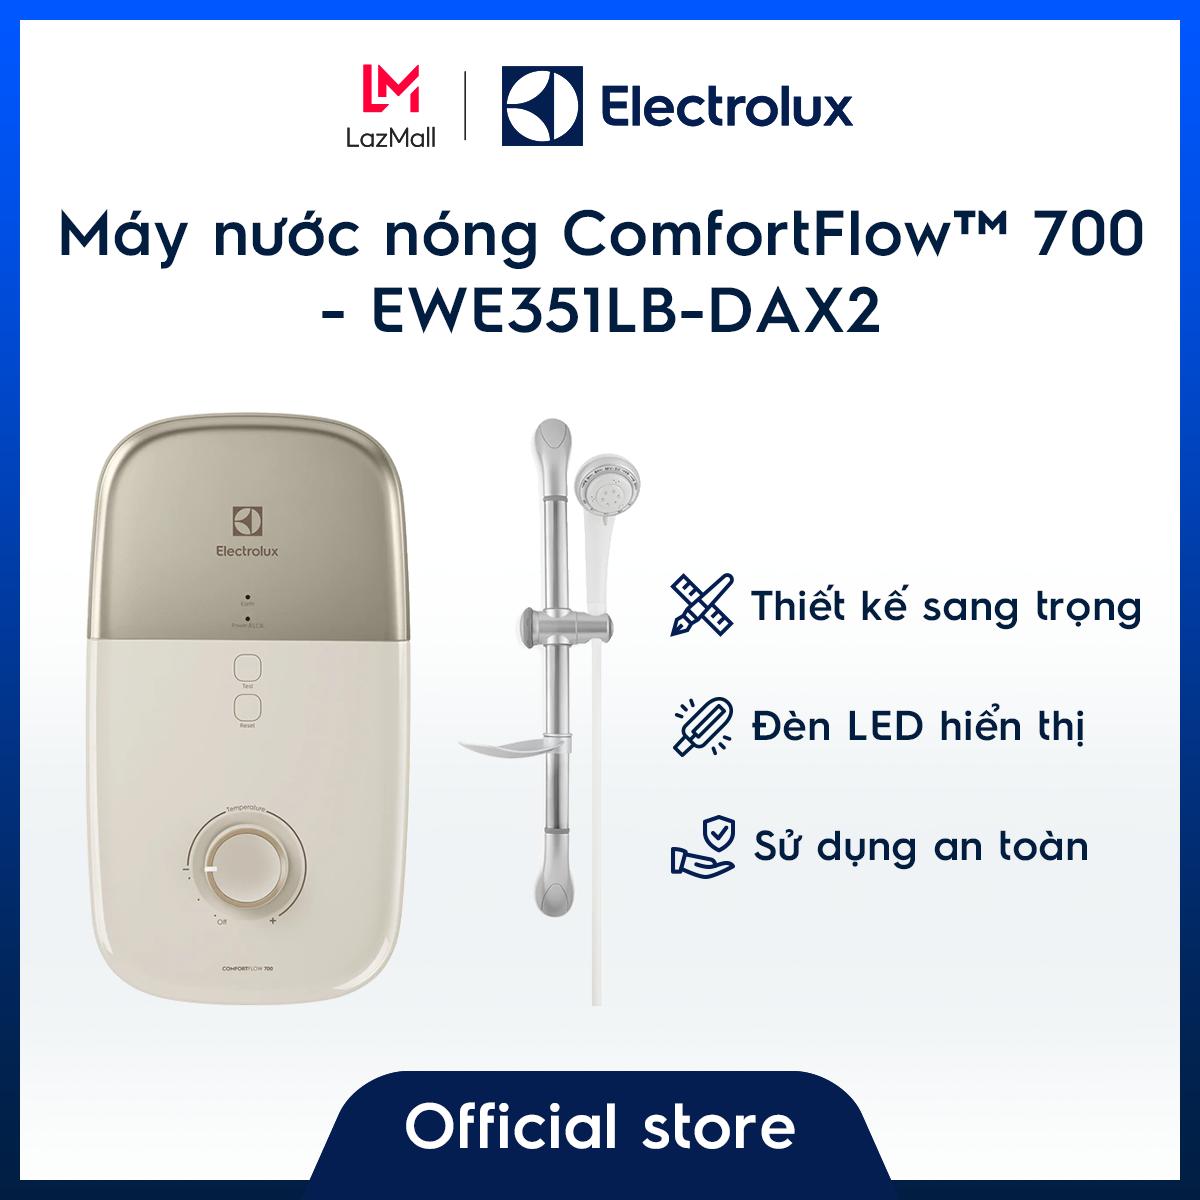 [Miễn phí giao hàng – HCM & HN] Máy tắm nước nóng EWE351LB-DAX2 – Vàng đồng – Bình chứa độc đáo giữ nhiệt độ ổn định- Nhiều tính năng an toàn